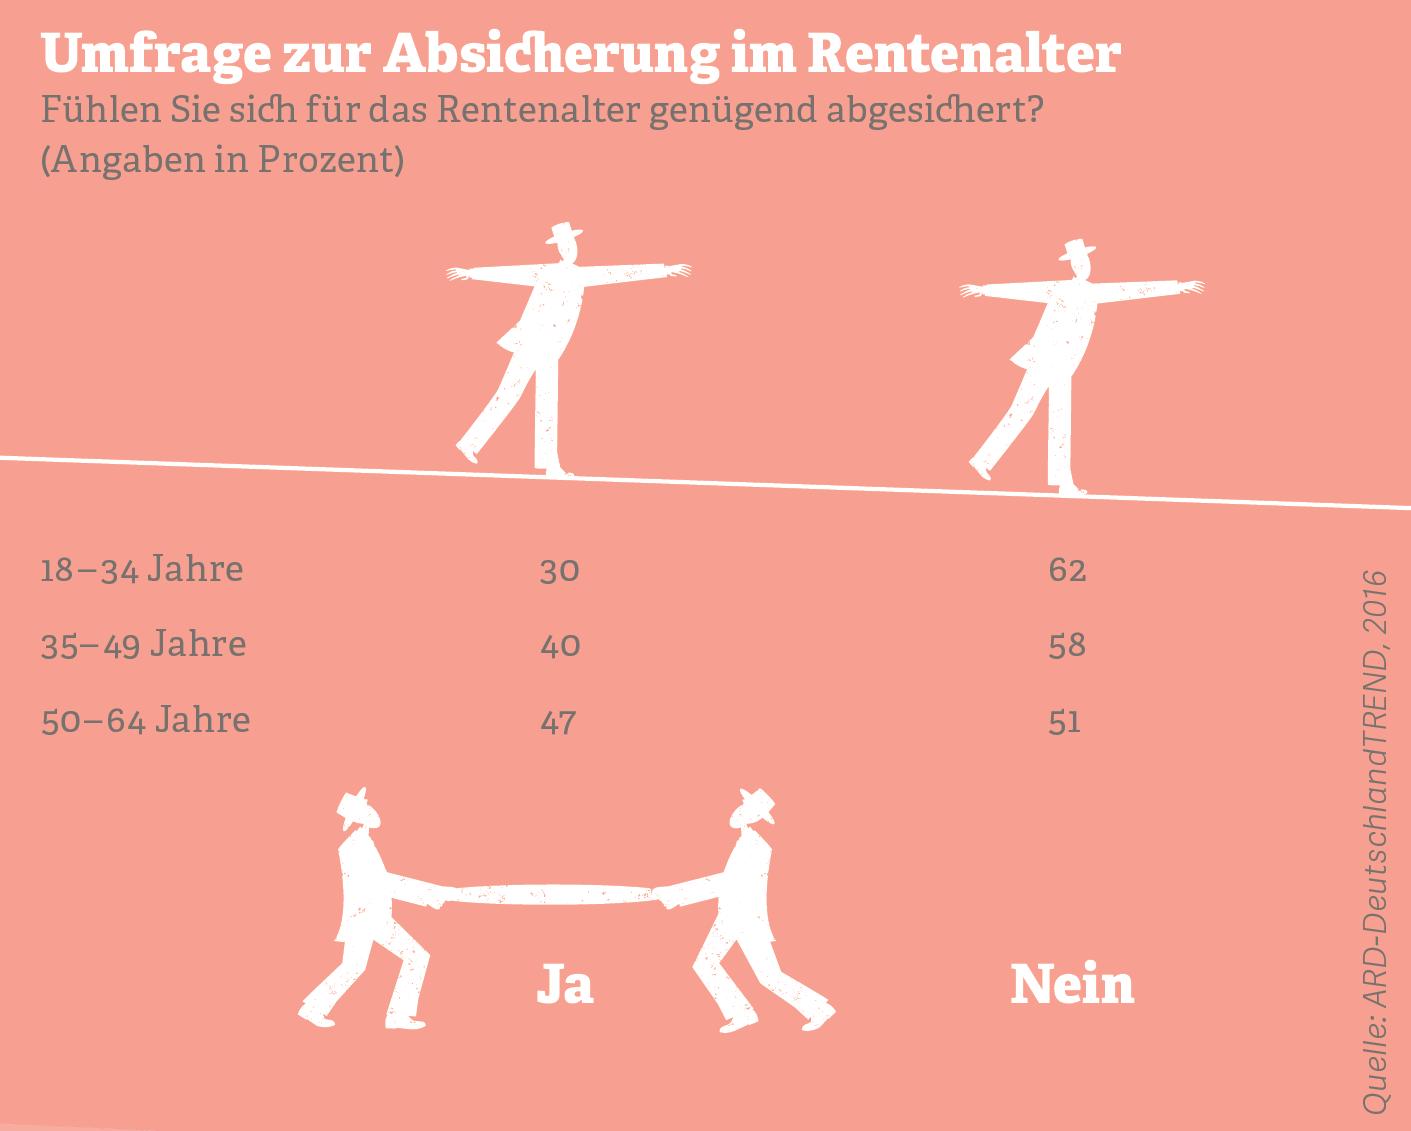 Grafik: Umfrage zur Absicherung im Rentenalter, Quelle: ARD-DeutschlandTREND, 2016